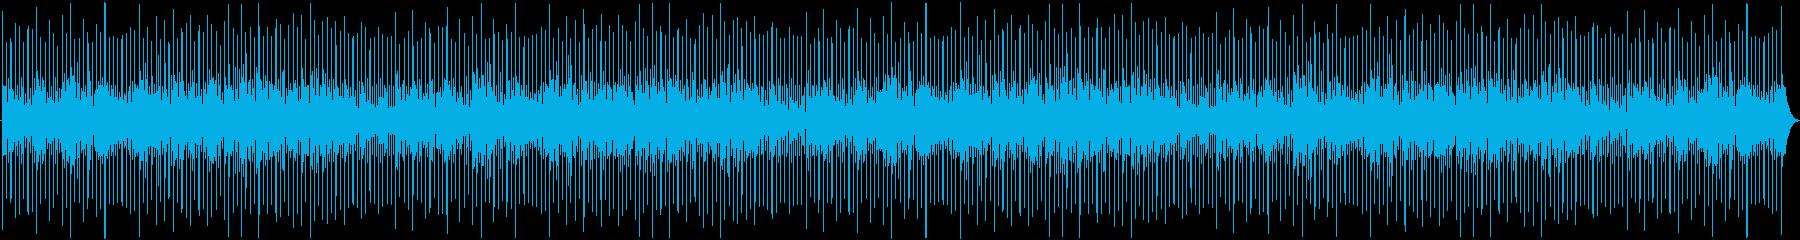 ドラムループとクールなピアノパーツ...の再生済みの波形